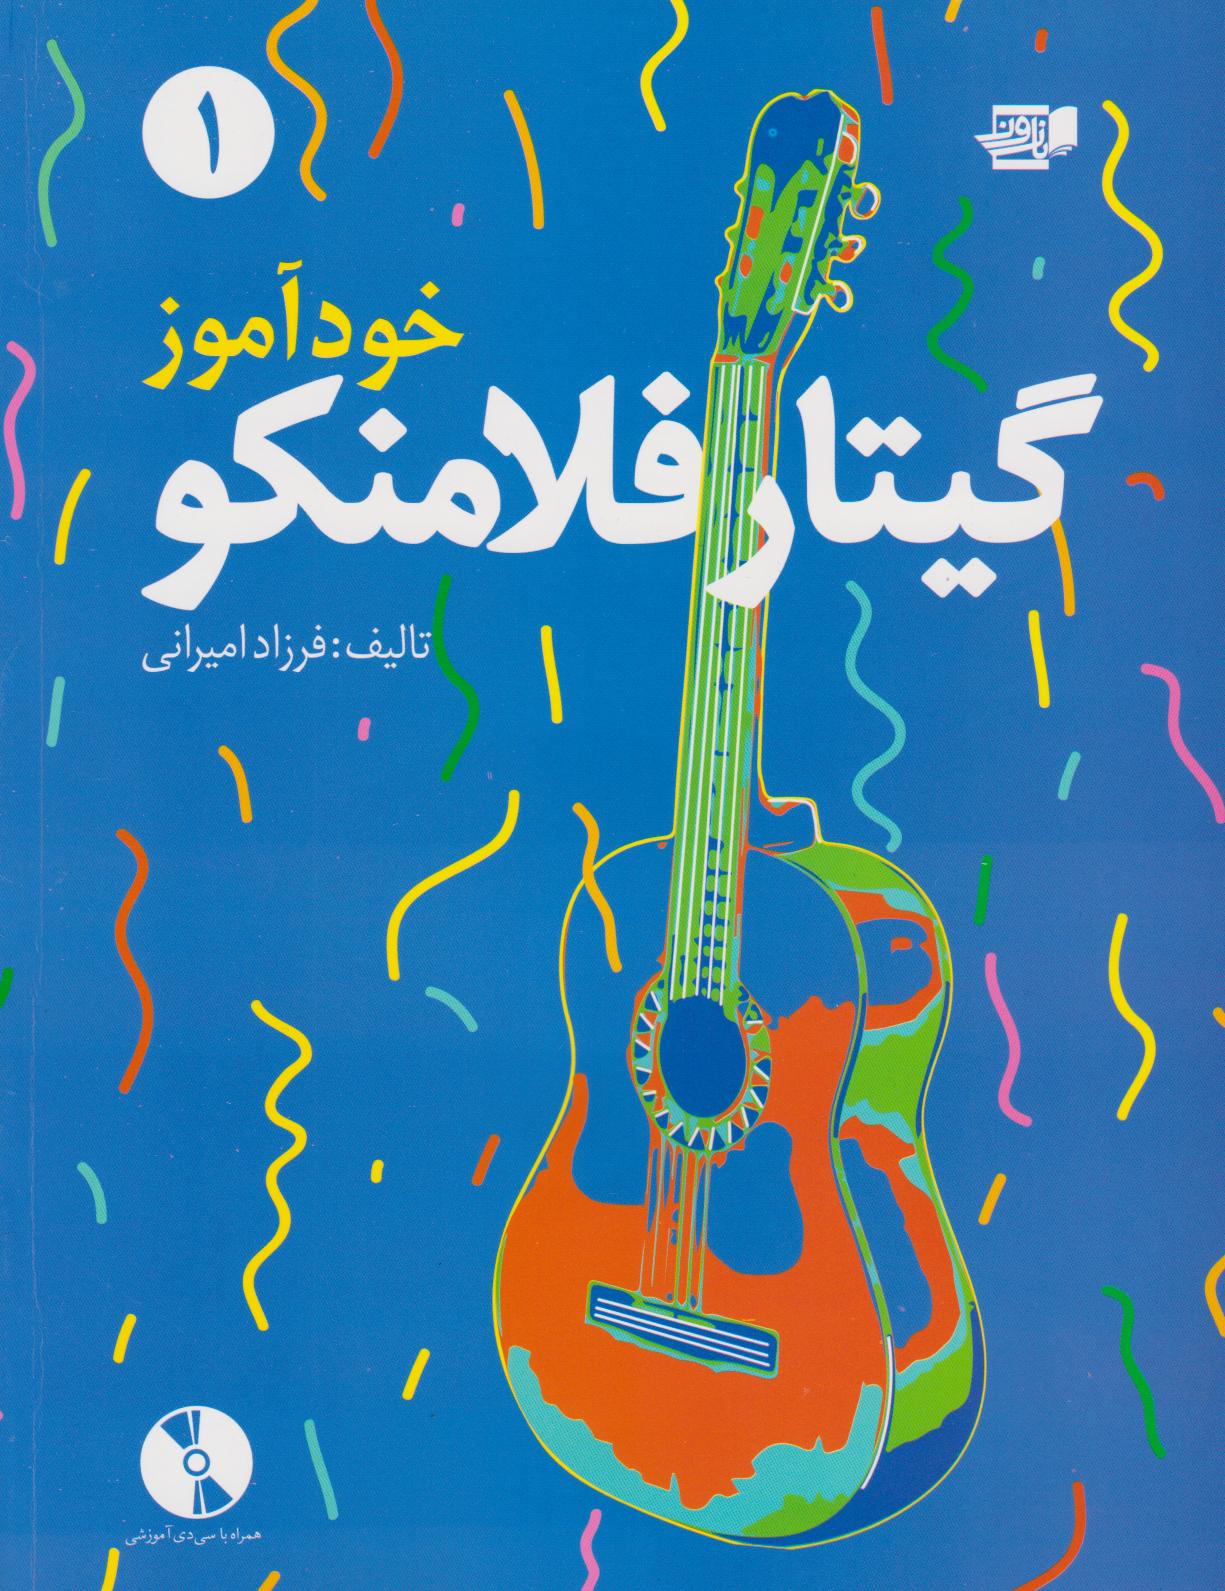 کتاب اول خودآموز گیتار فلامنکو فرزاد امیرانی انتشارات نارون